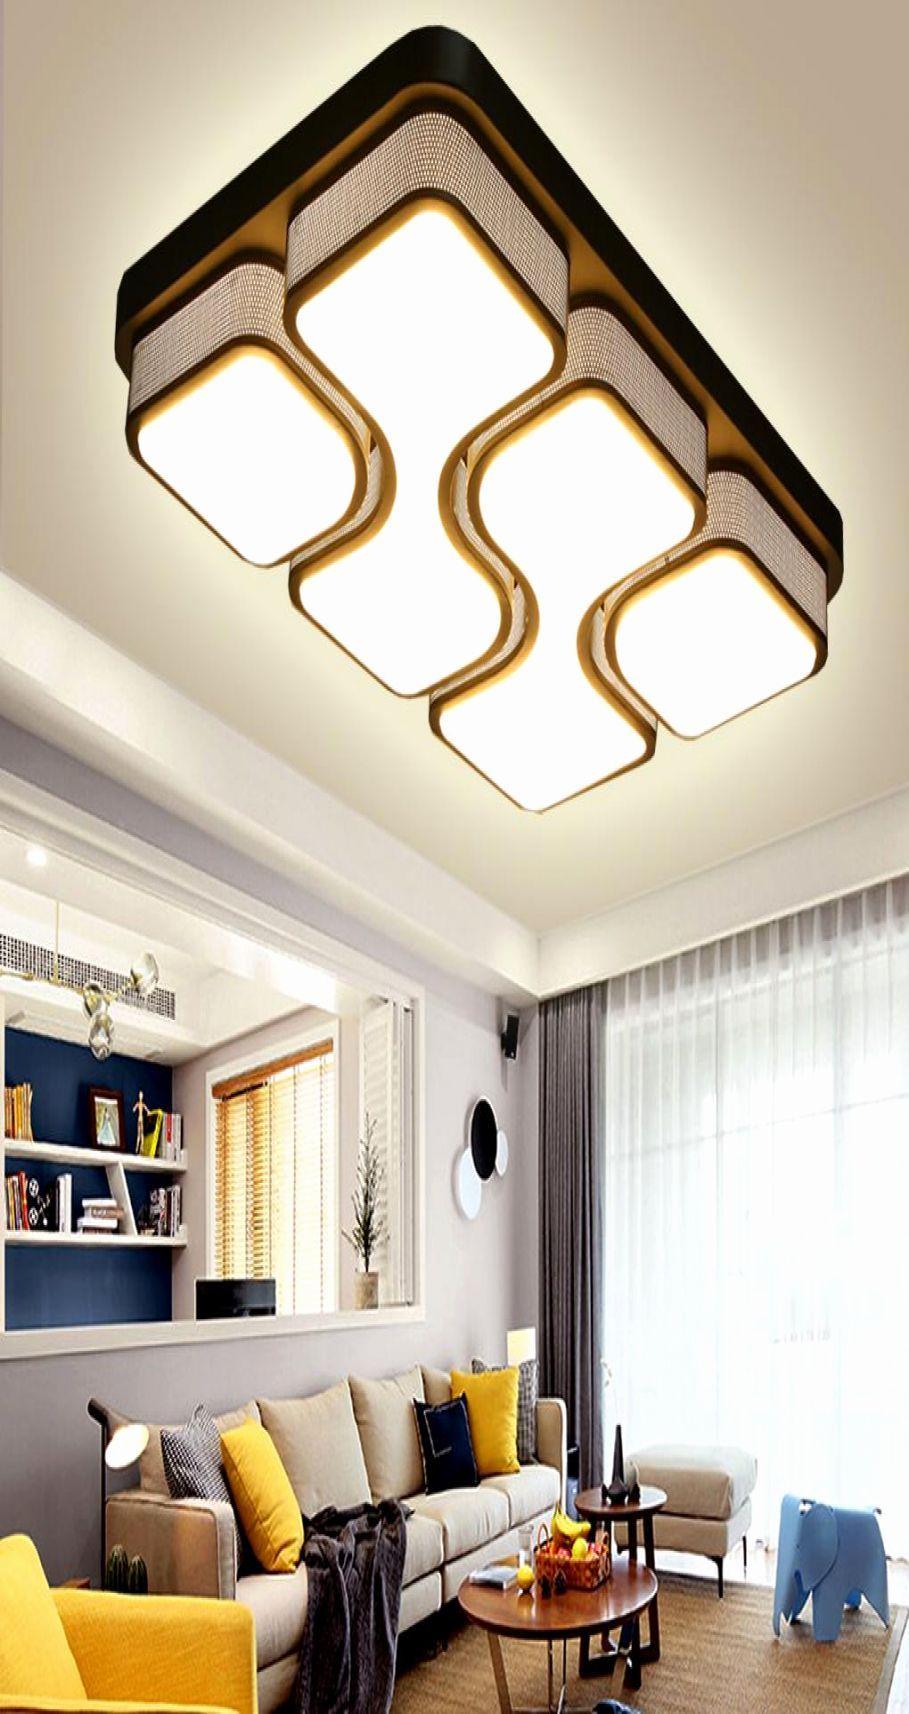 10 Elegante Deckenleuchte Wohnzimmer modern, #Deckenleuchte